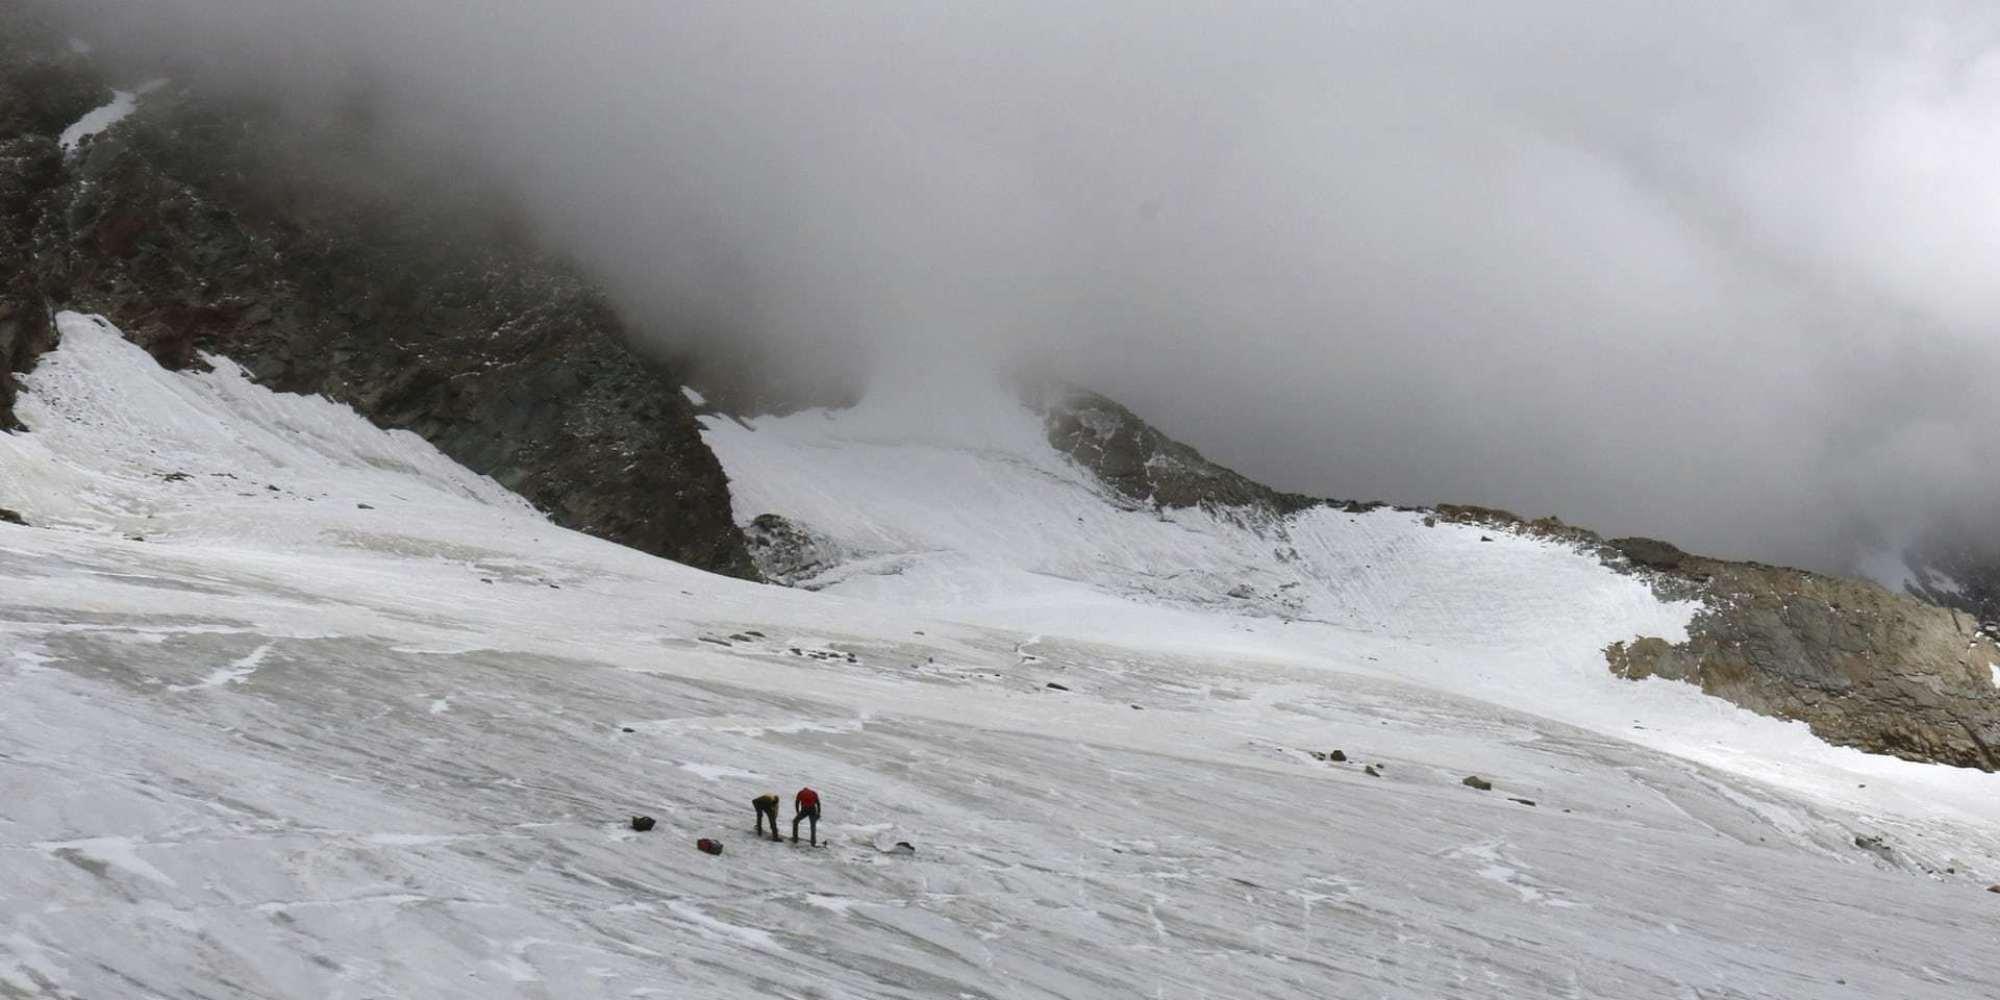 الانهيارات الجليدية في سويسرا تكشف عن مئات الجثث من القرن الماضي وتحل لغز الكثير من المفقودين